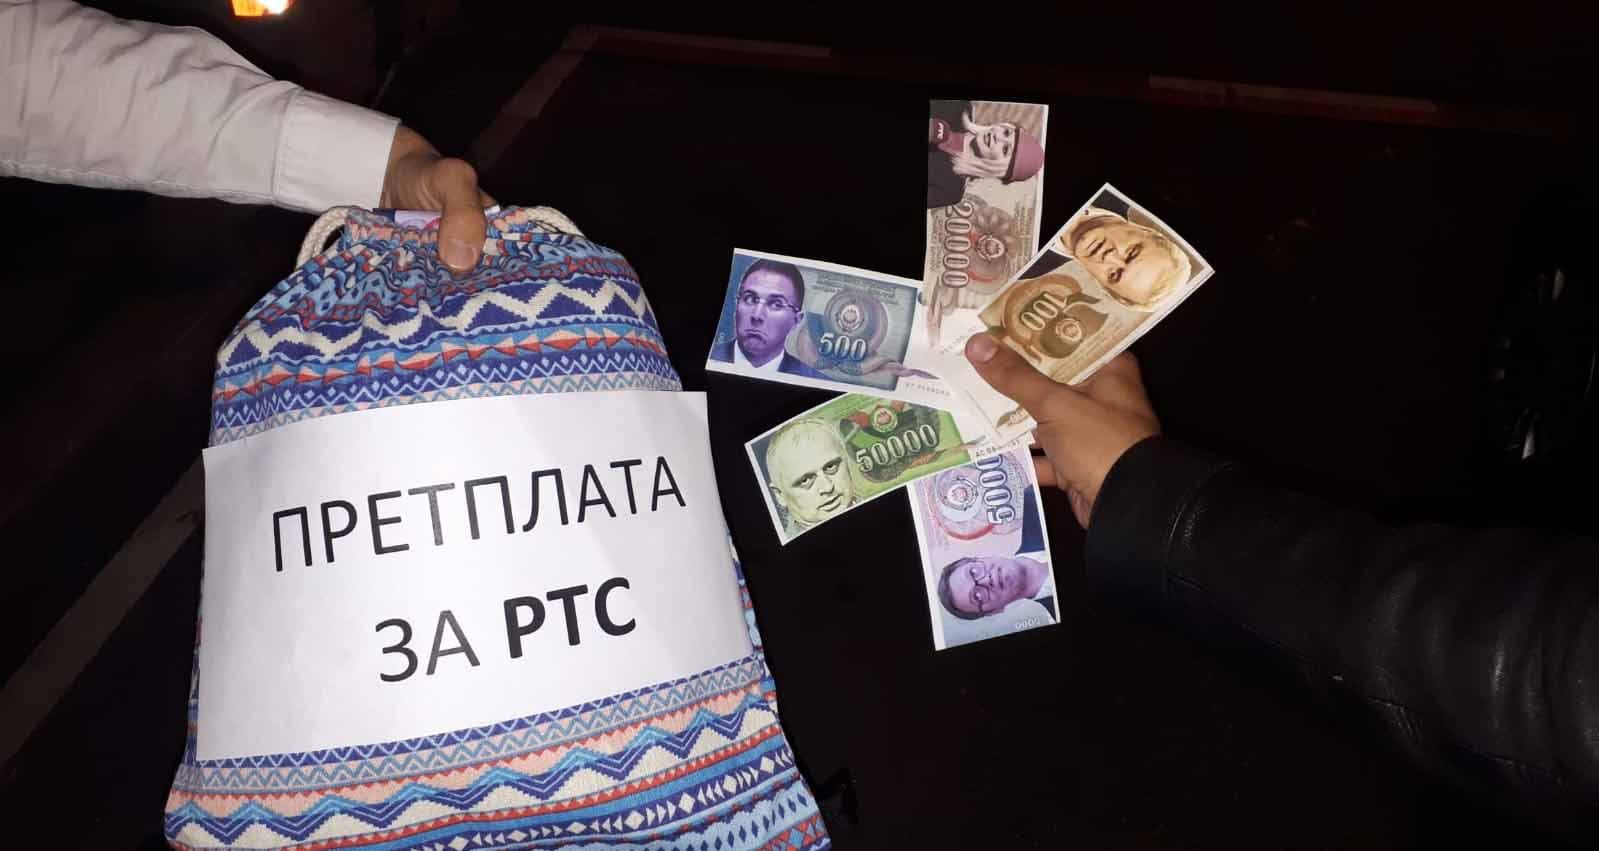 """Омладина Народне странке """"платила"""" претплату за РТС """"новчаницама"""" са ликом Бујошевића"""